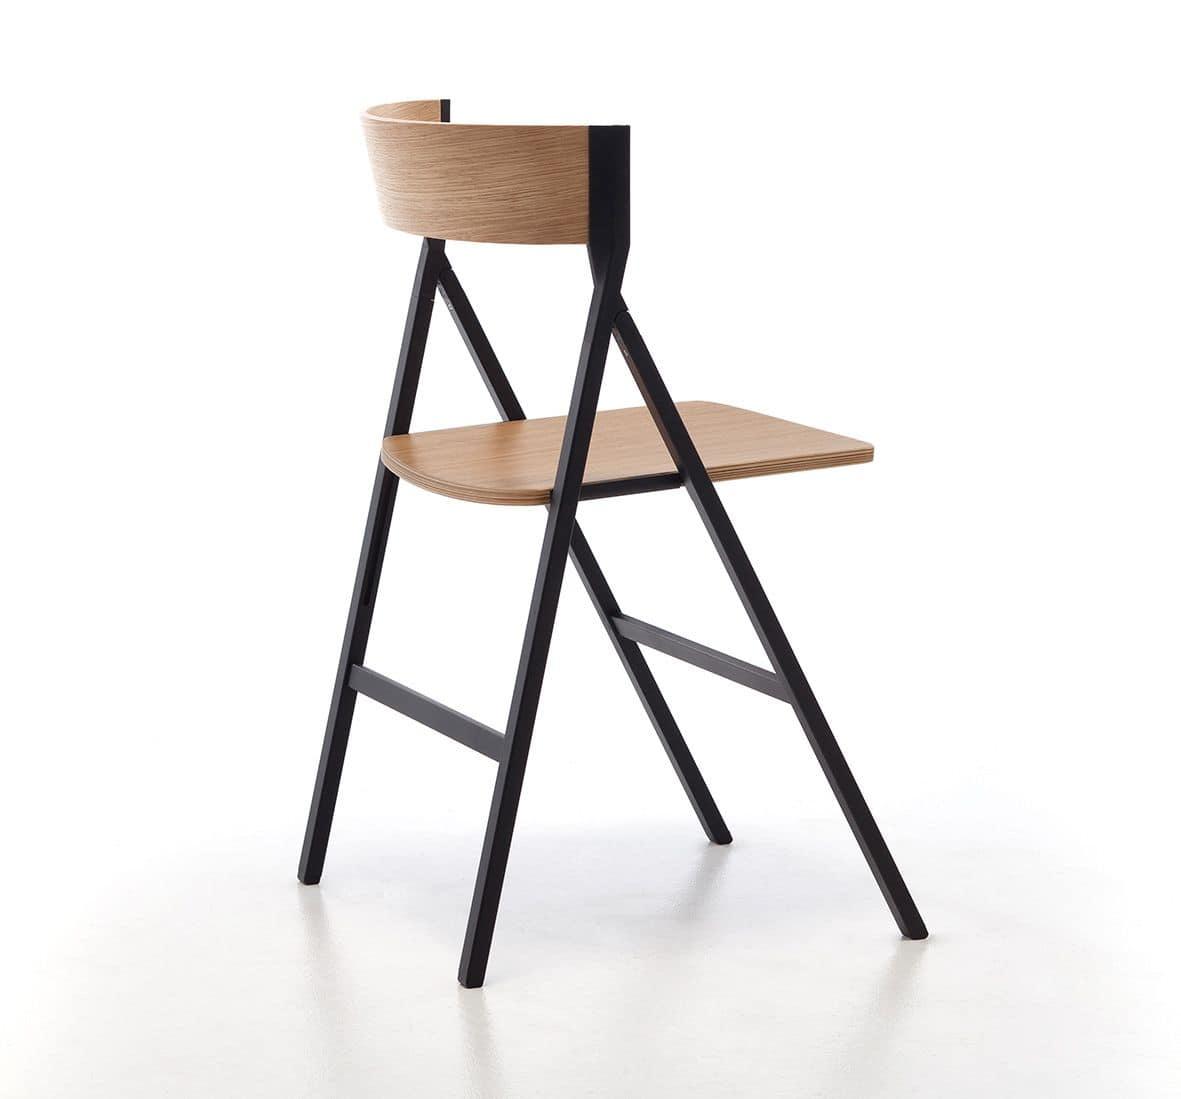 Sedia pieghevole in legno ideale per il contract idfdesign for Sedie pieghevoli legno